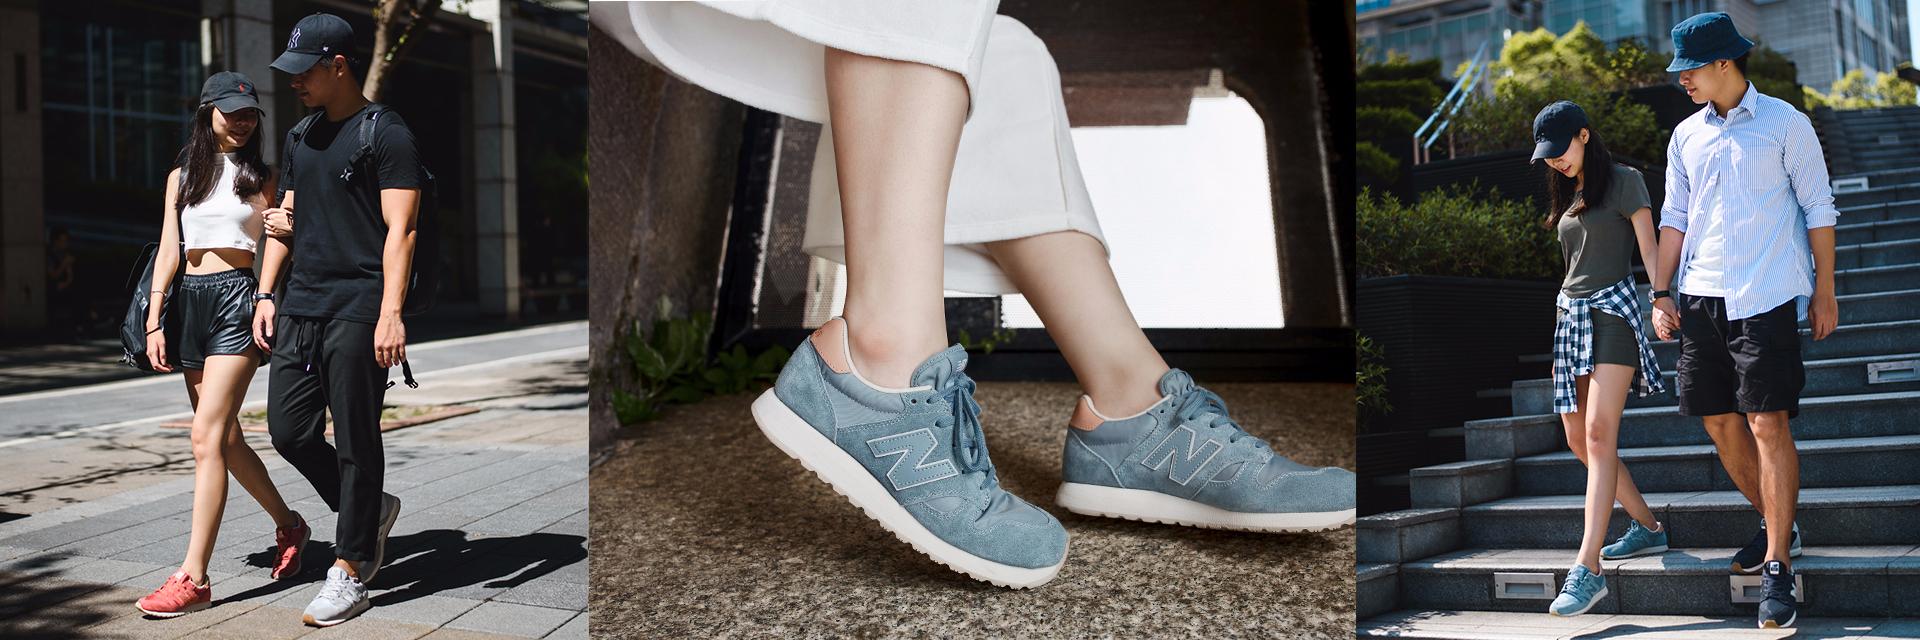 細數 6 雙超容易被單身酸民嗆的情侶鞋 一看就識破你們關係不單純!